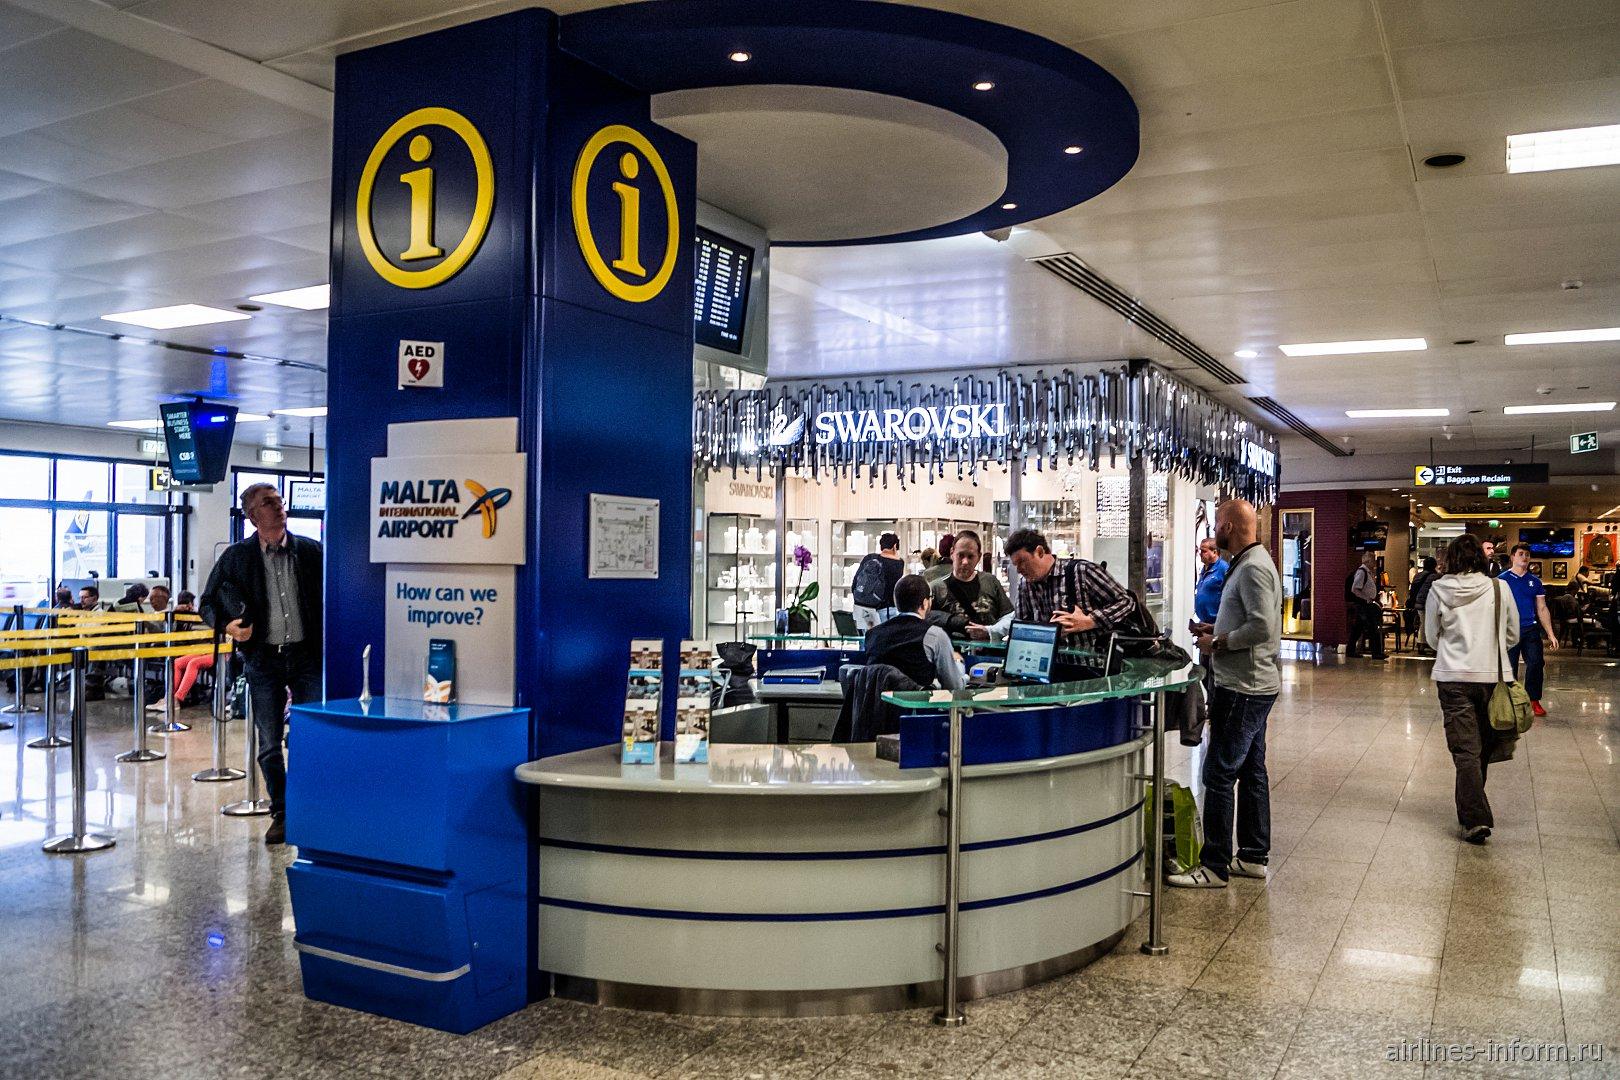 Информационная стойка в чистой зоне аэропорта Мальта